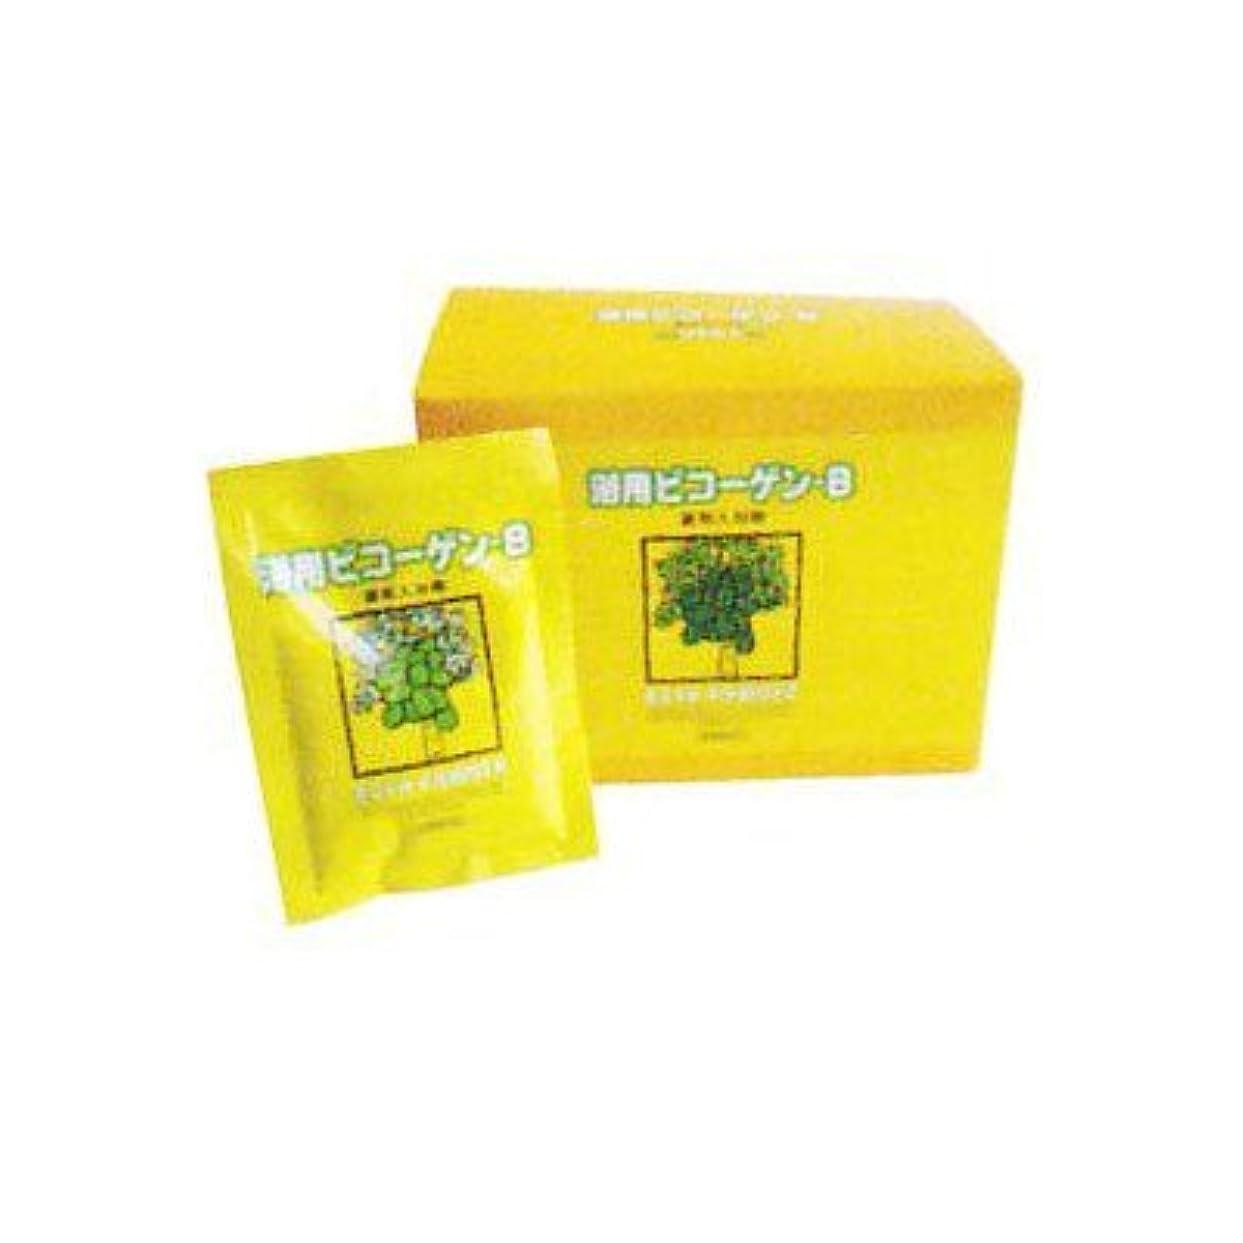 酸素入浴剤 リアル 浴用 ビコーゲン B 分包タイプ a221074